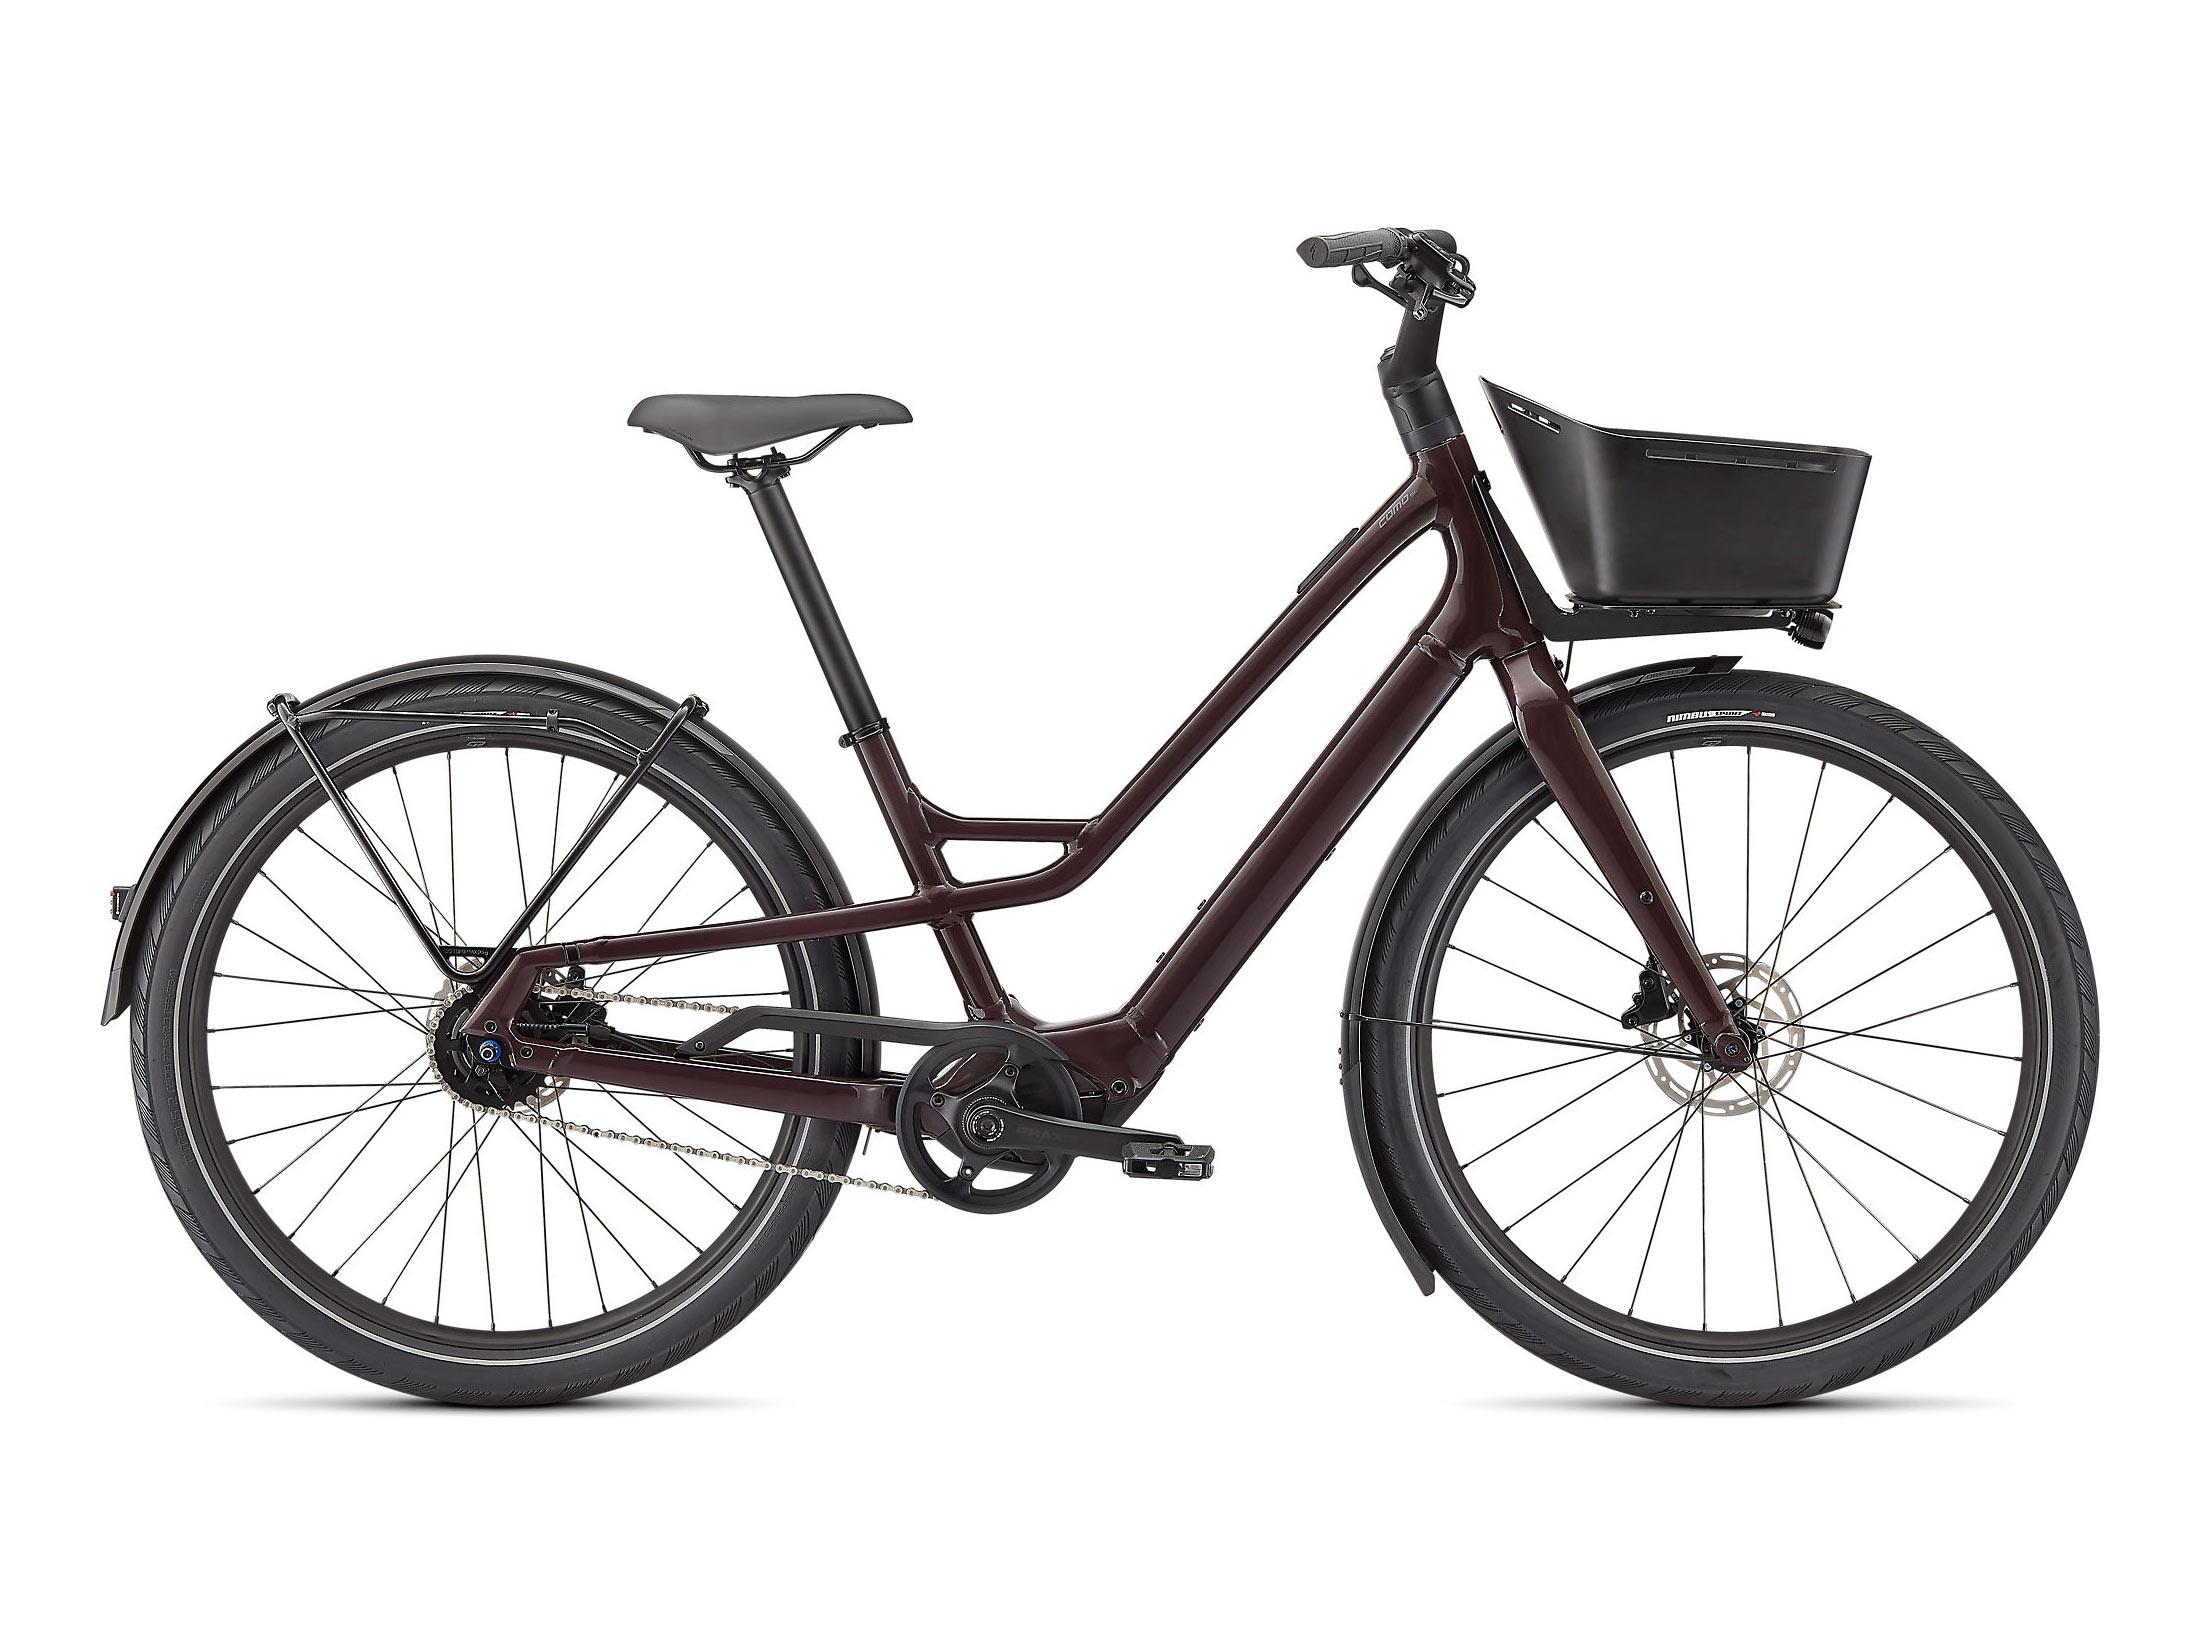 Ηλεκτρικό Ποδήλατο Specialized Turbo Como SL 4.0